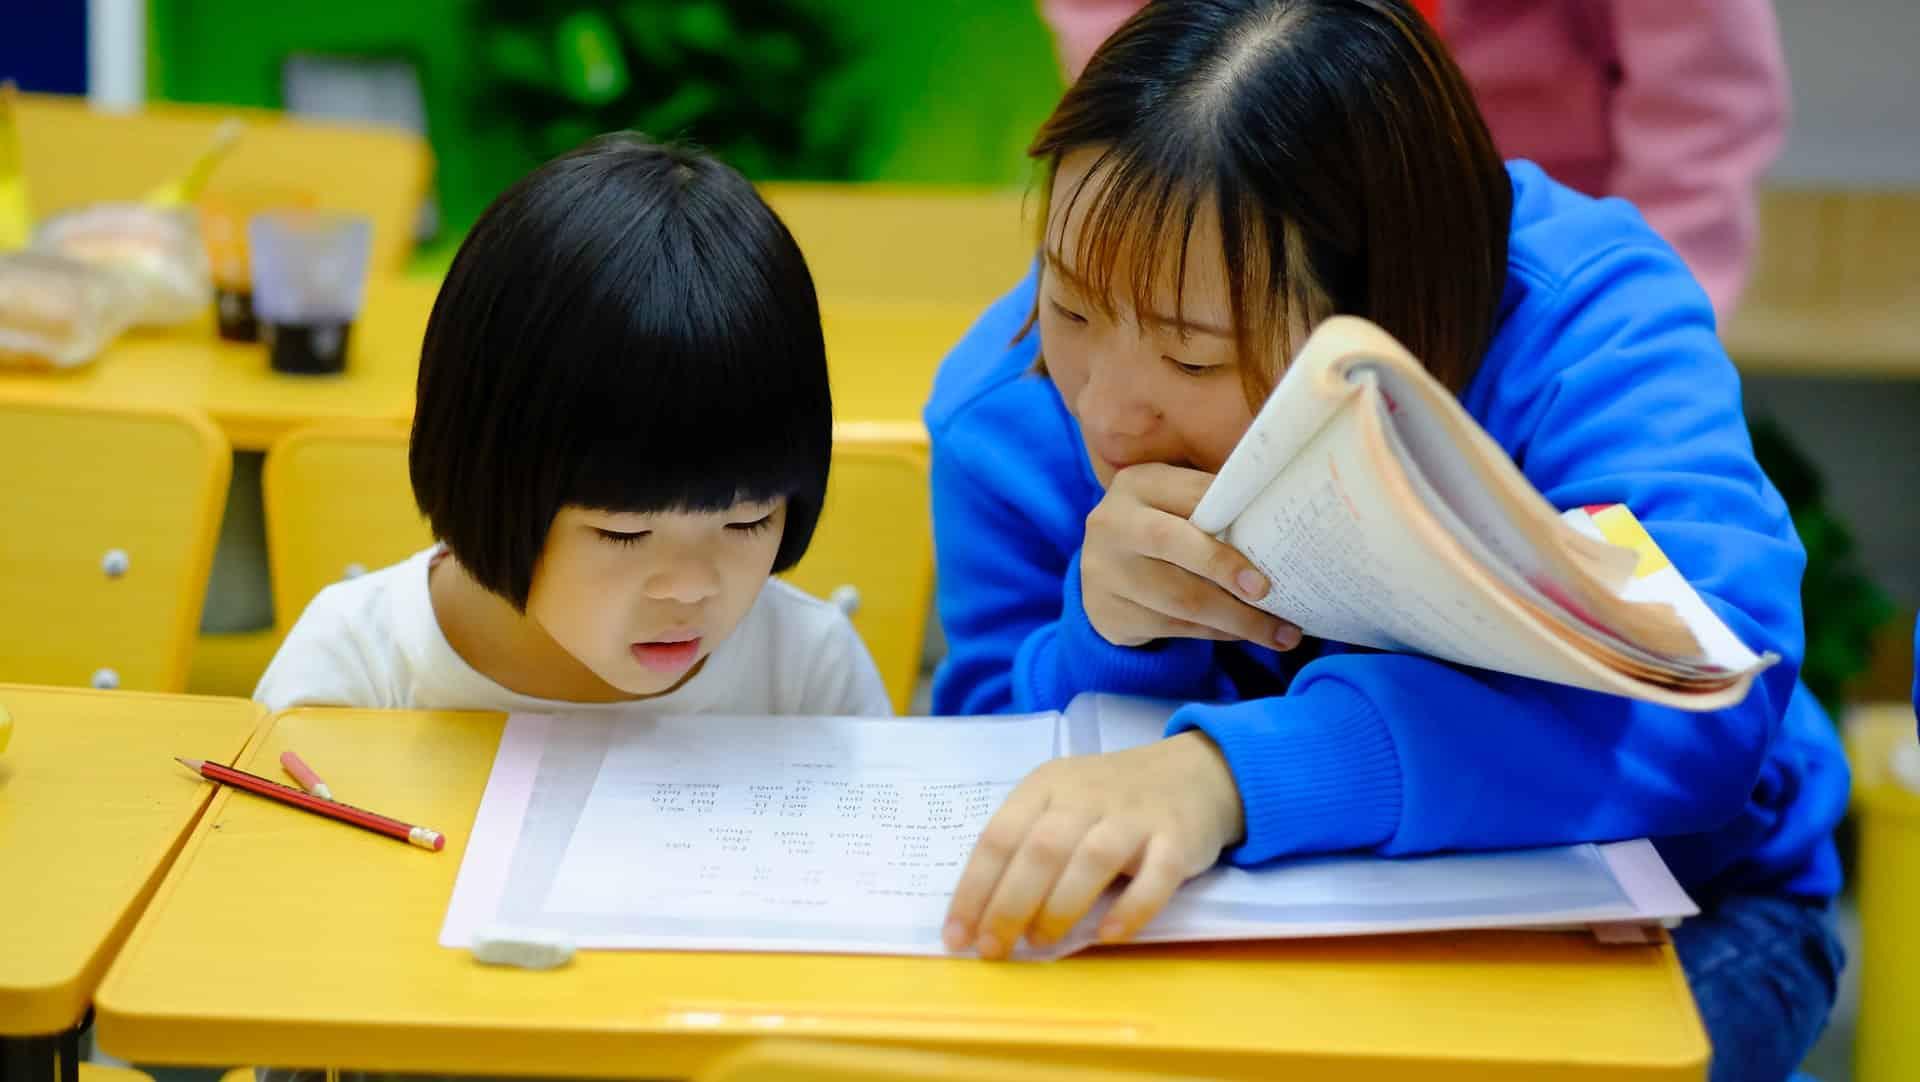 Le gouvernement chinois pourrait bientôt imposer des restrictions au secteur de l'EdTech et plus largement à celui de l'éducation privée.